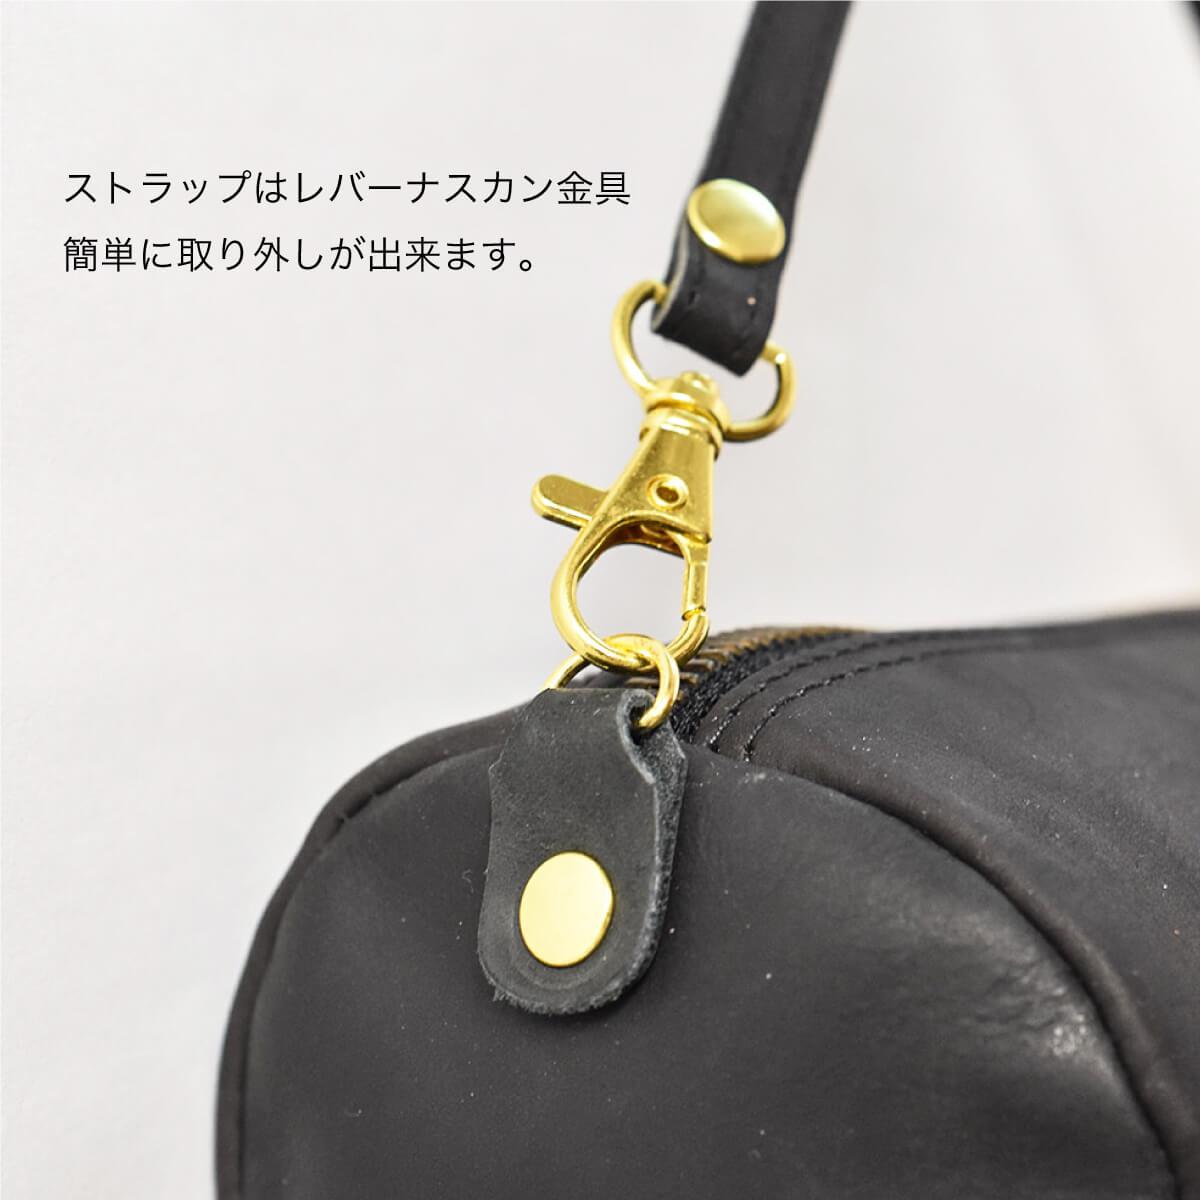 牛革 ハンドバッグ ストラップバッグ ポーチ Black【名入れ可】